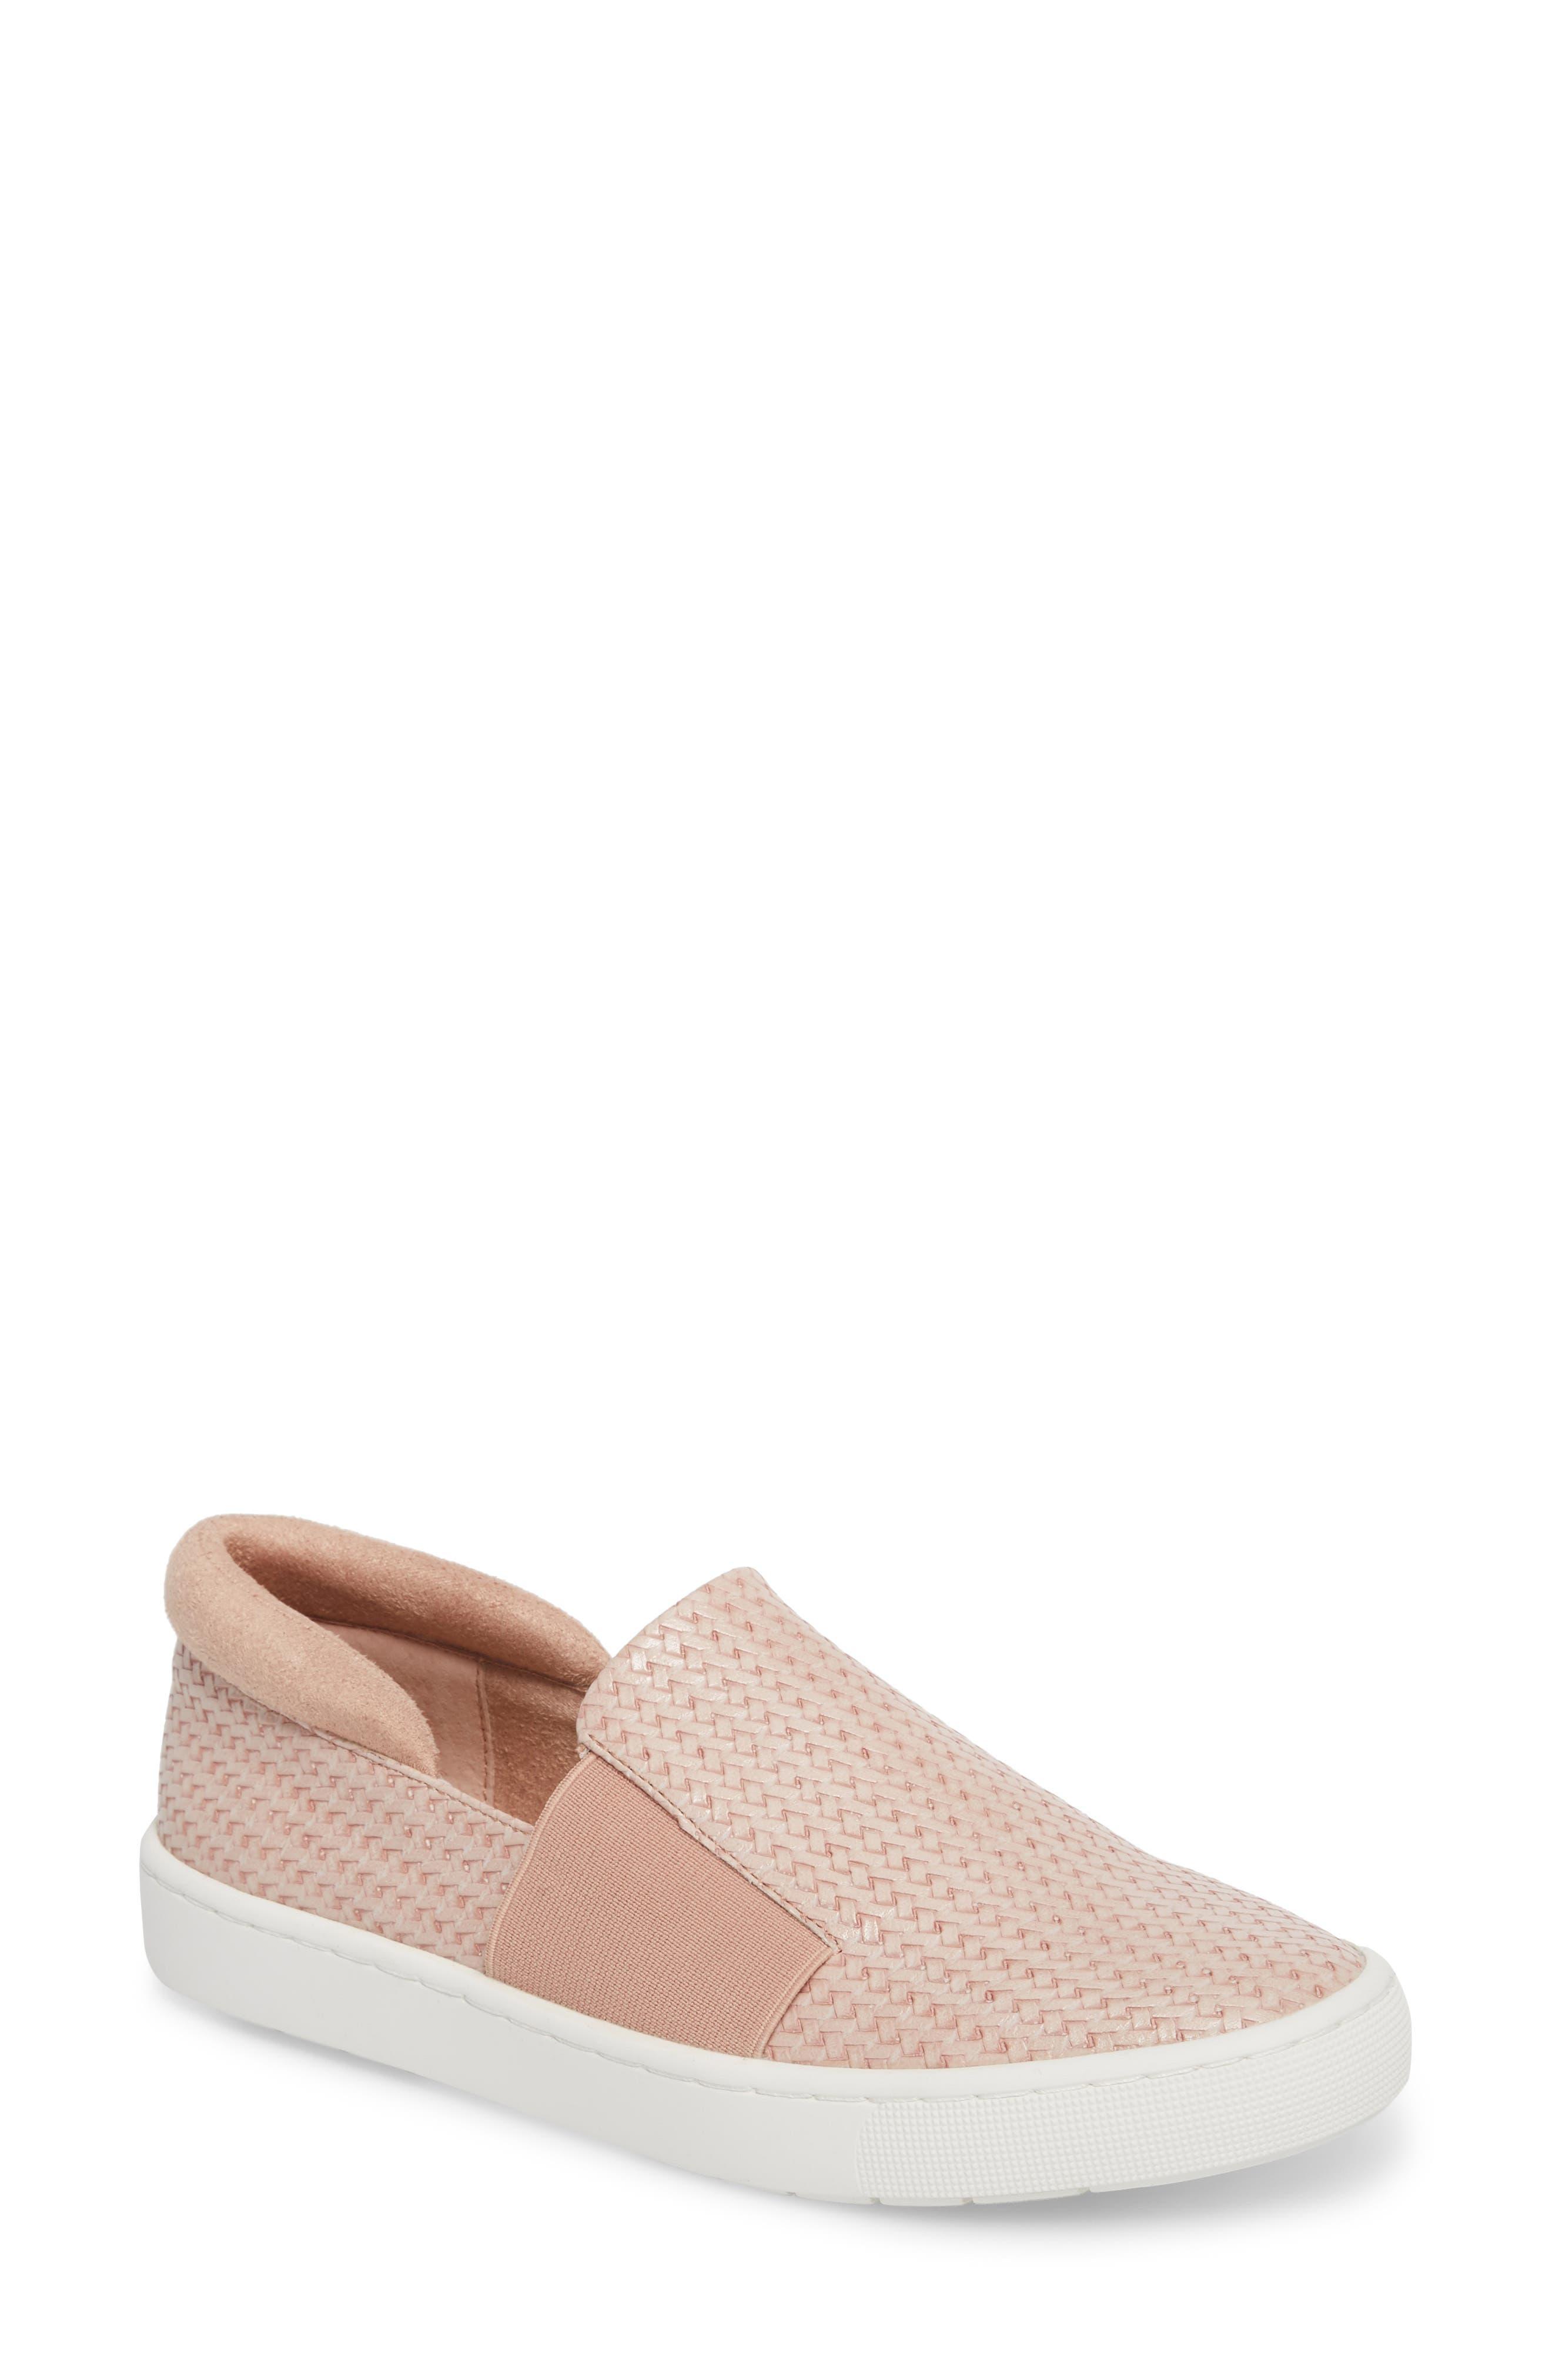 Bella Vita Ramp II Slip-On Sneaker (Women)